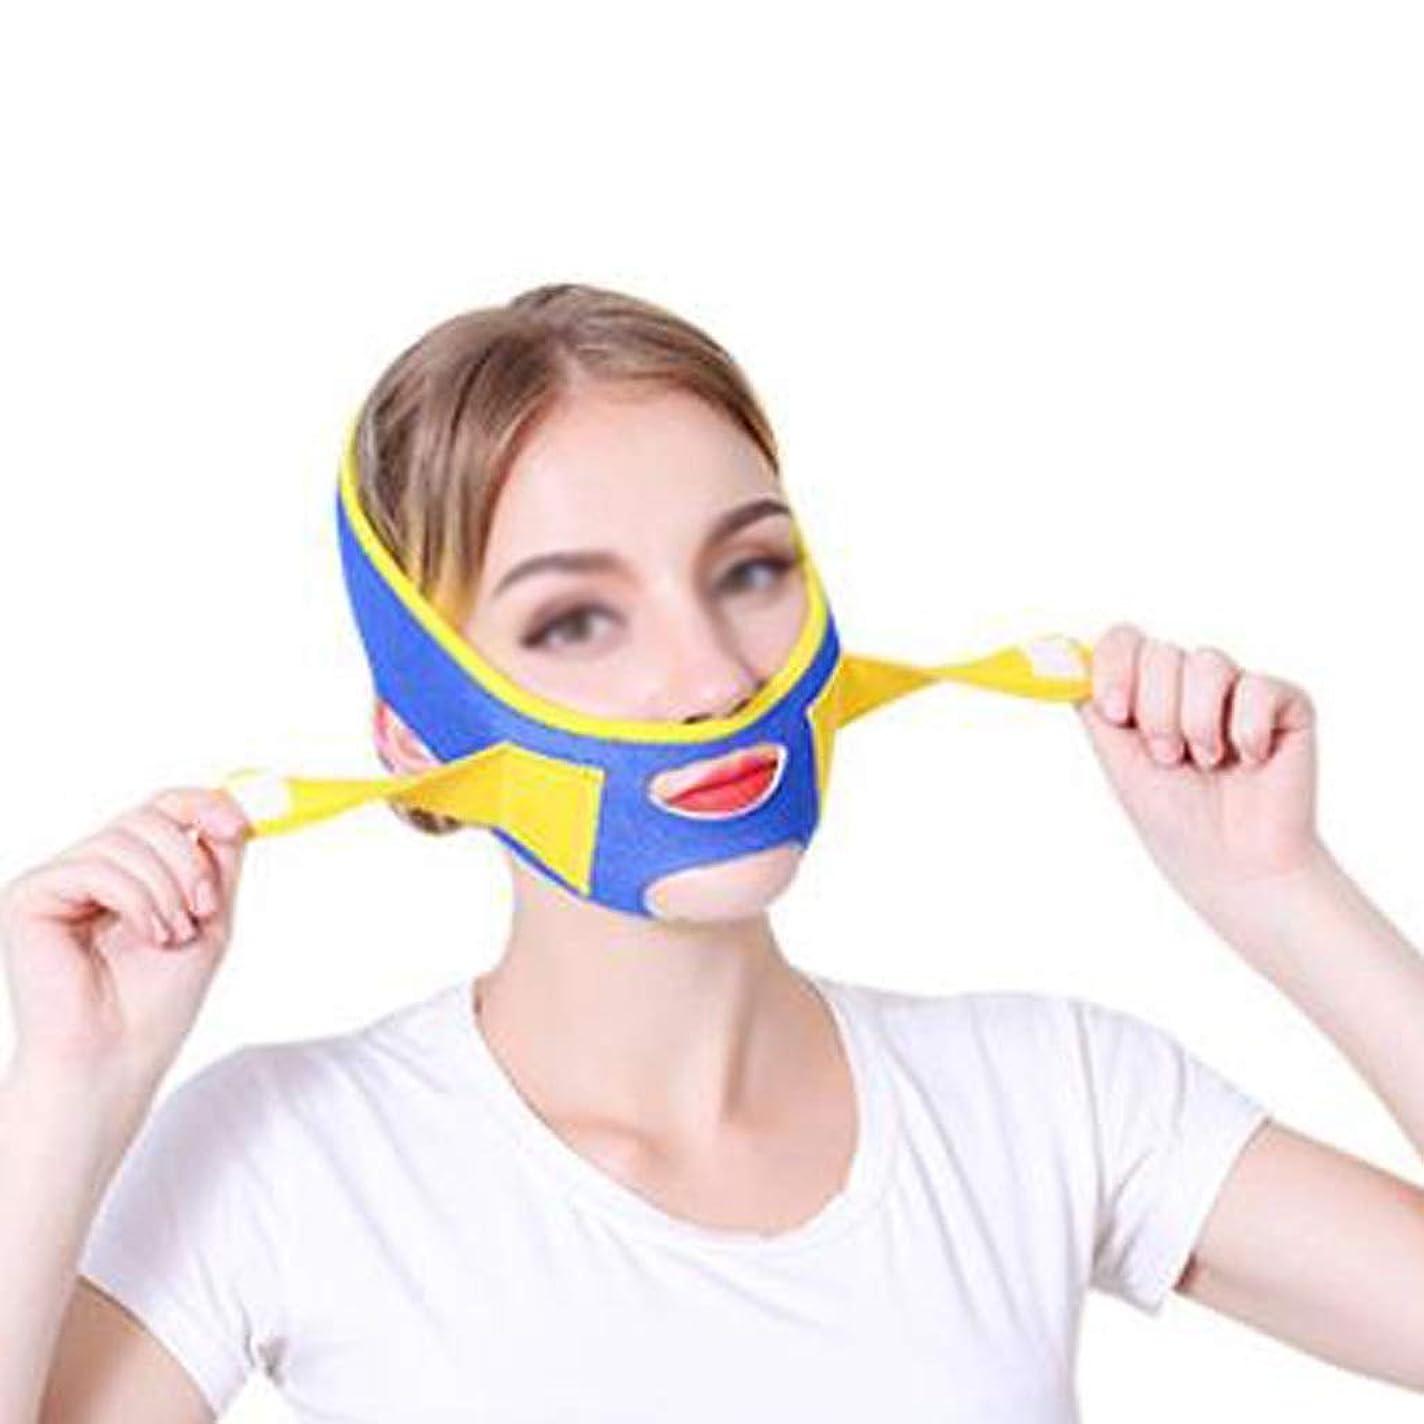 上に築きます退屈な黄ばむZWBD フェイスマスク, リフティングフェイスマスク抗たるみVフェイスリフティング包帯を布布する薄い二重あご通気性睡眠マスクギフト